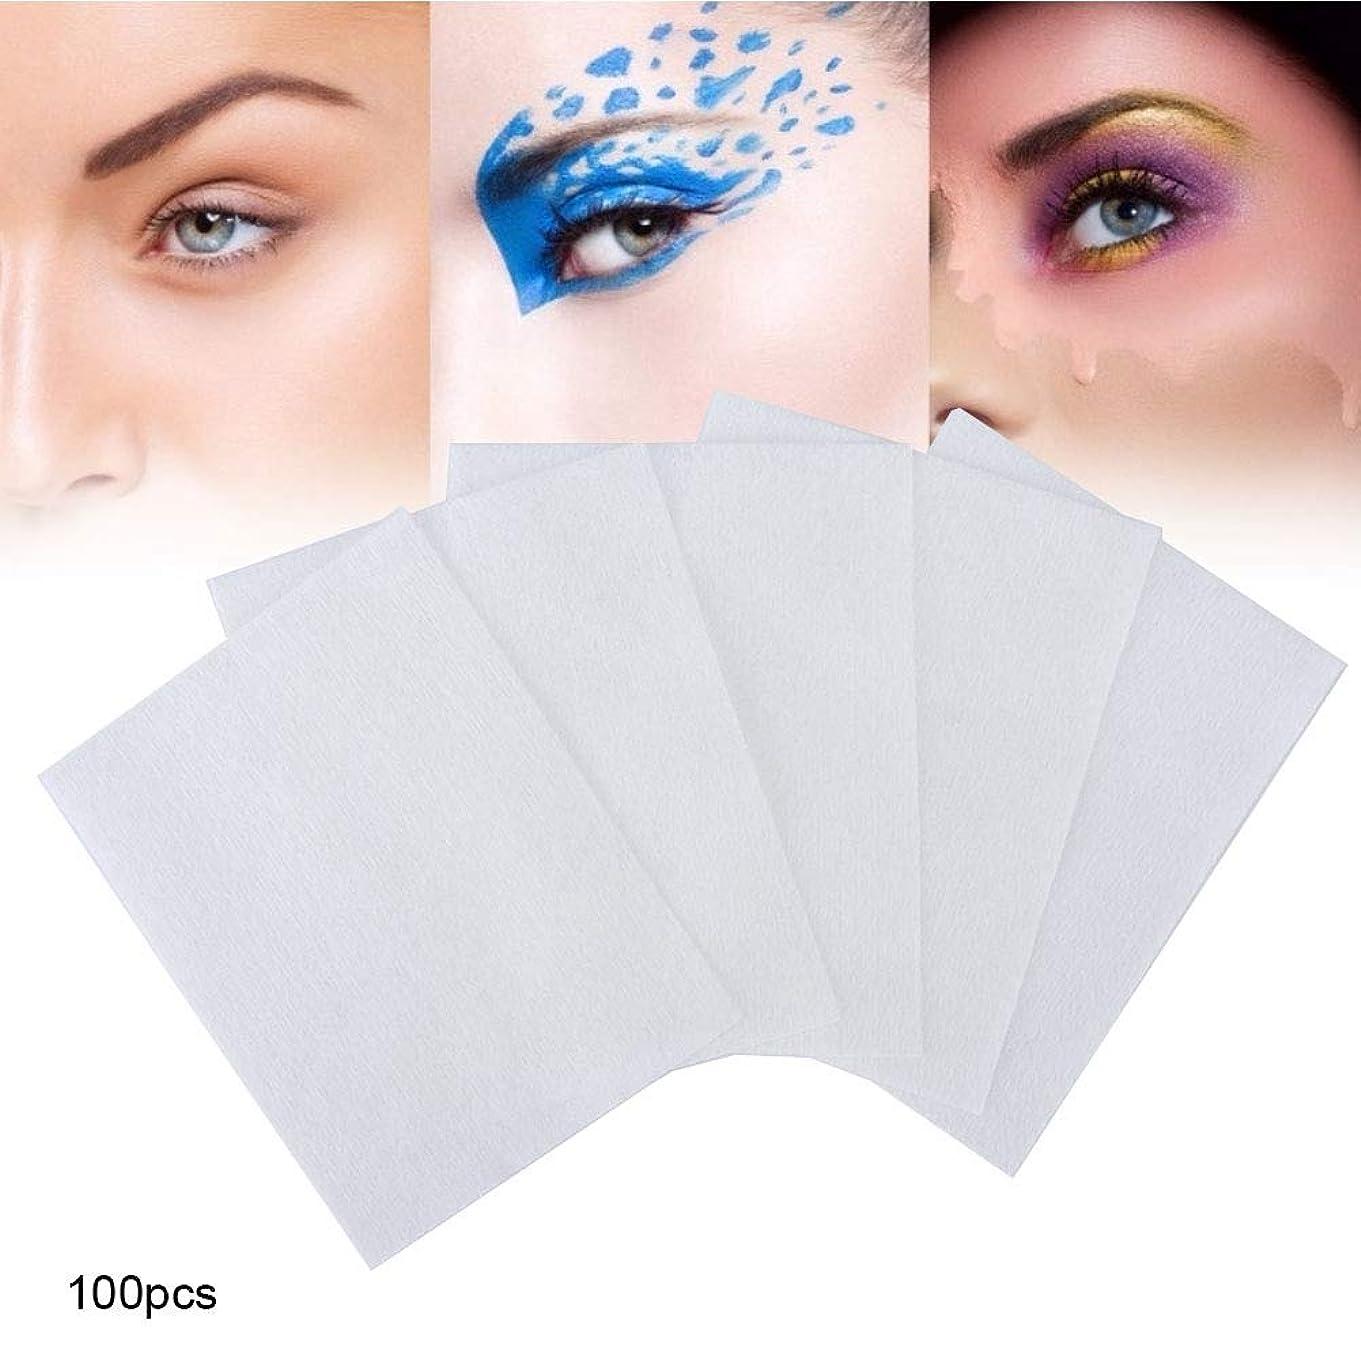 有効なキノコ交じる100個 化粧コットンパッド 化粧を削除する 使い捨て洗顔料